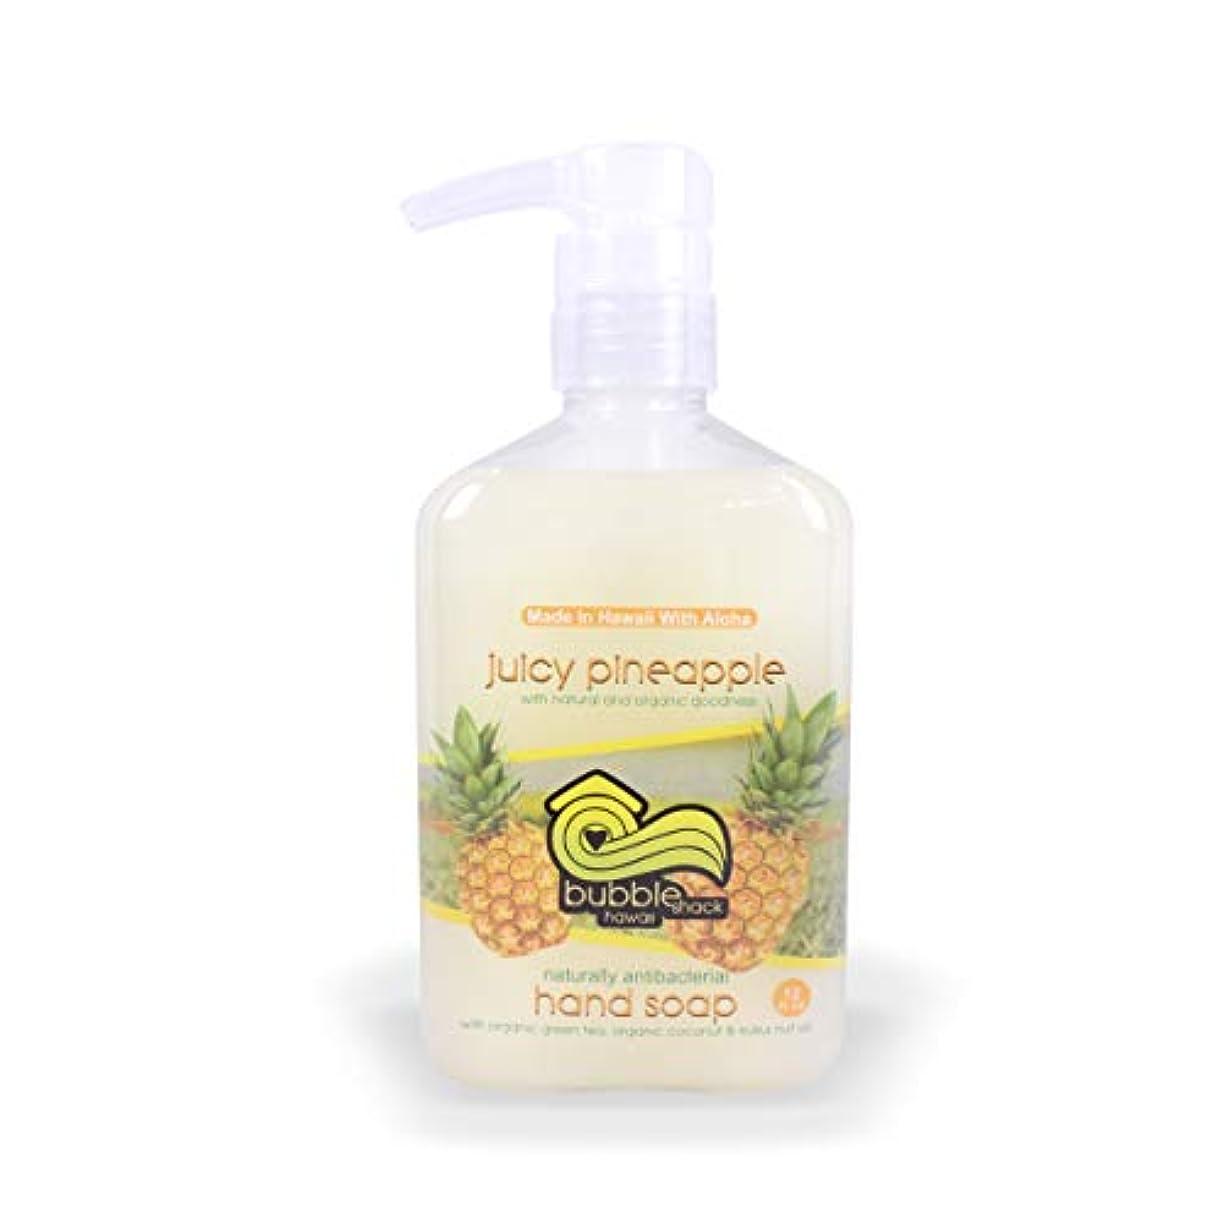 【正規輸入品】 バブルシャック?ハワイ Bubble shack Hand Soap ハンドソープ juicy pineapple ジューシーパイナップル 340ml